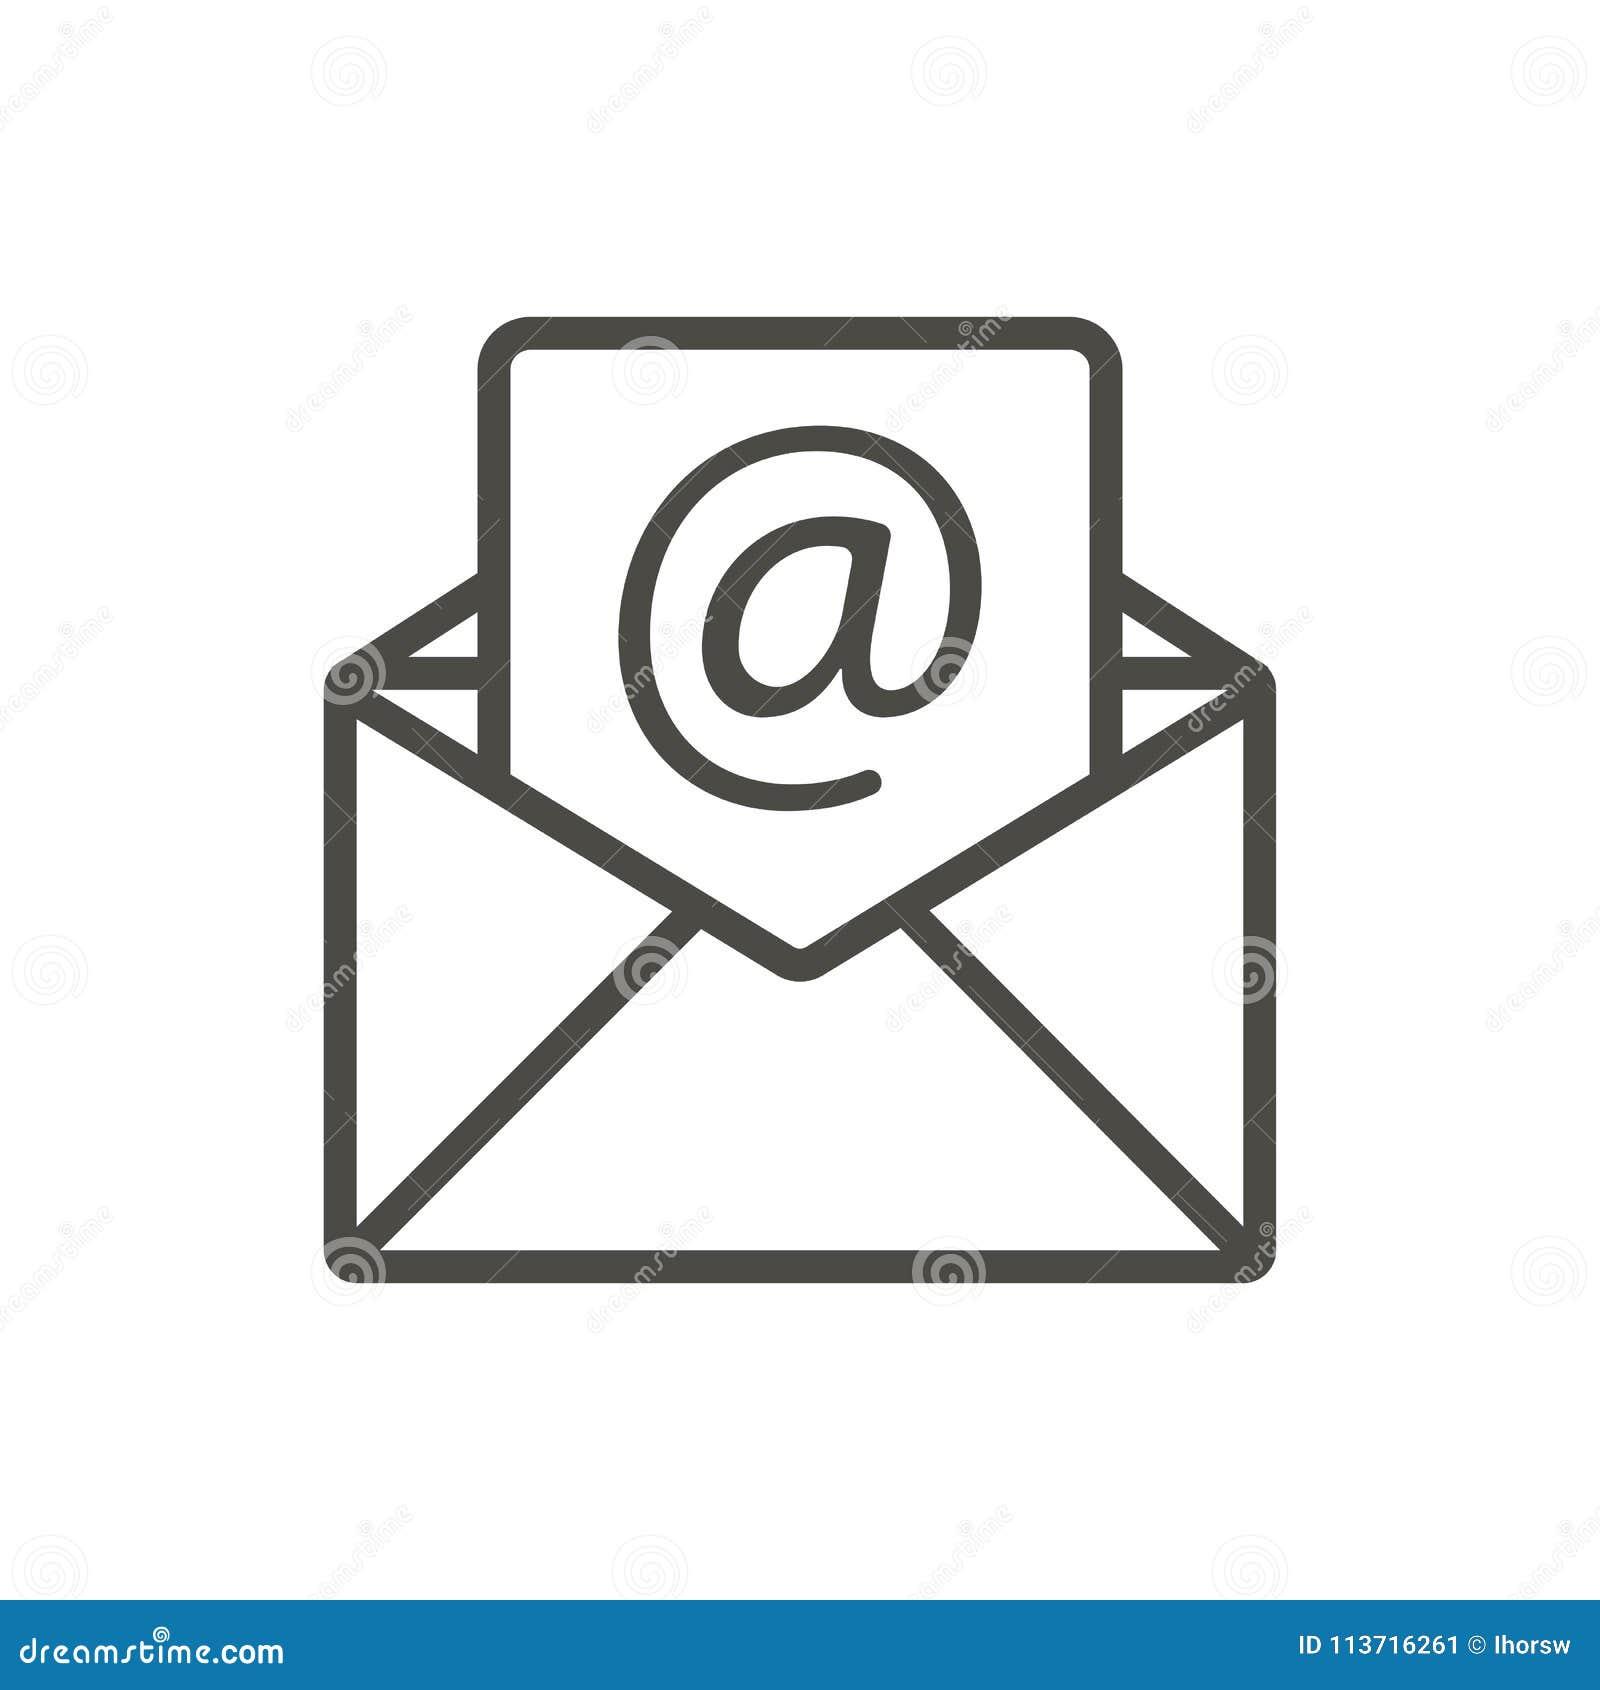 Διάνυσμα εικονιδίων μηνυμάτων ηλεκτρονικού ταχυδρομείου Ανοικτό σύμβολο ταχυδρομείου γραμμών